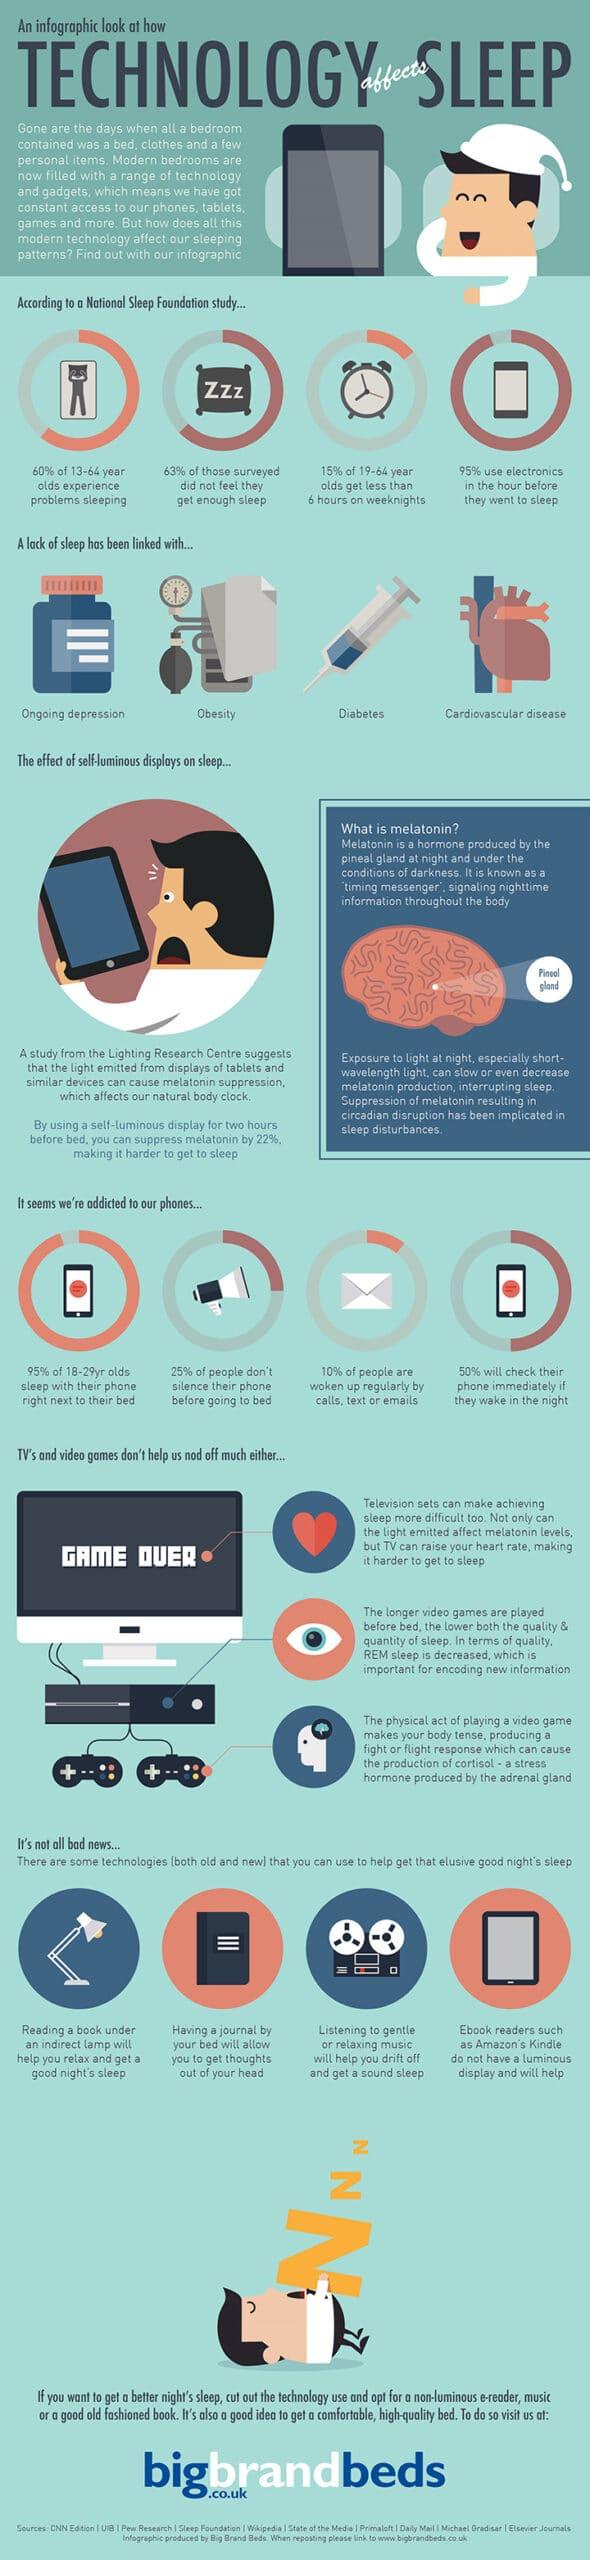 Sonno e tecnologia